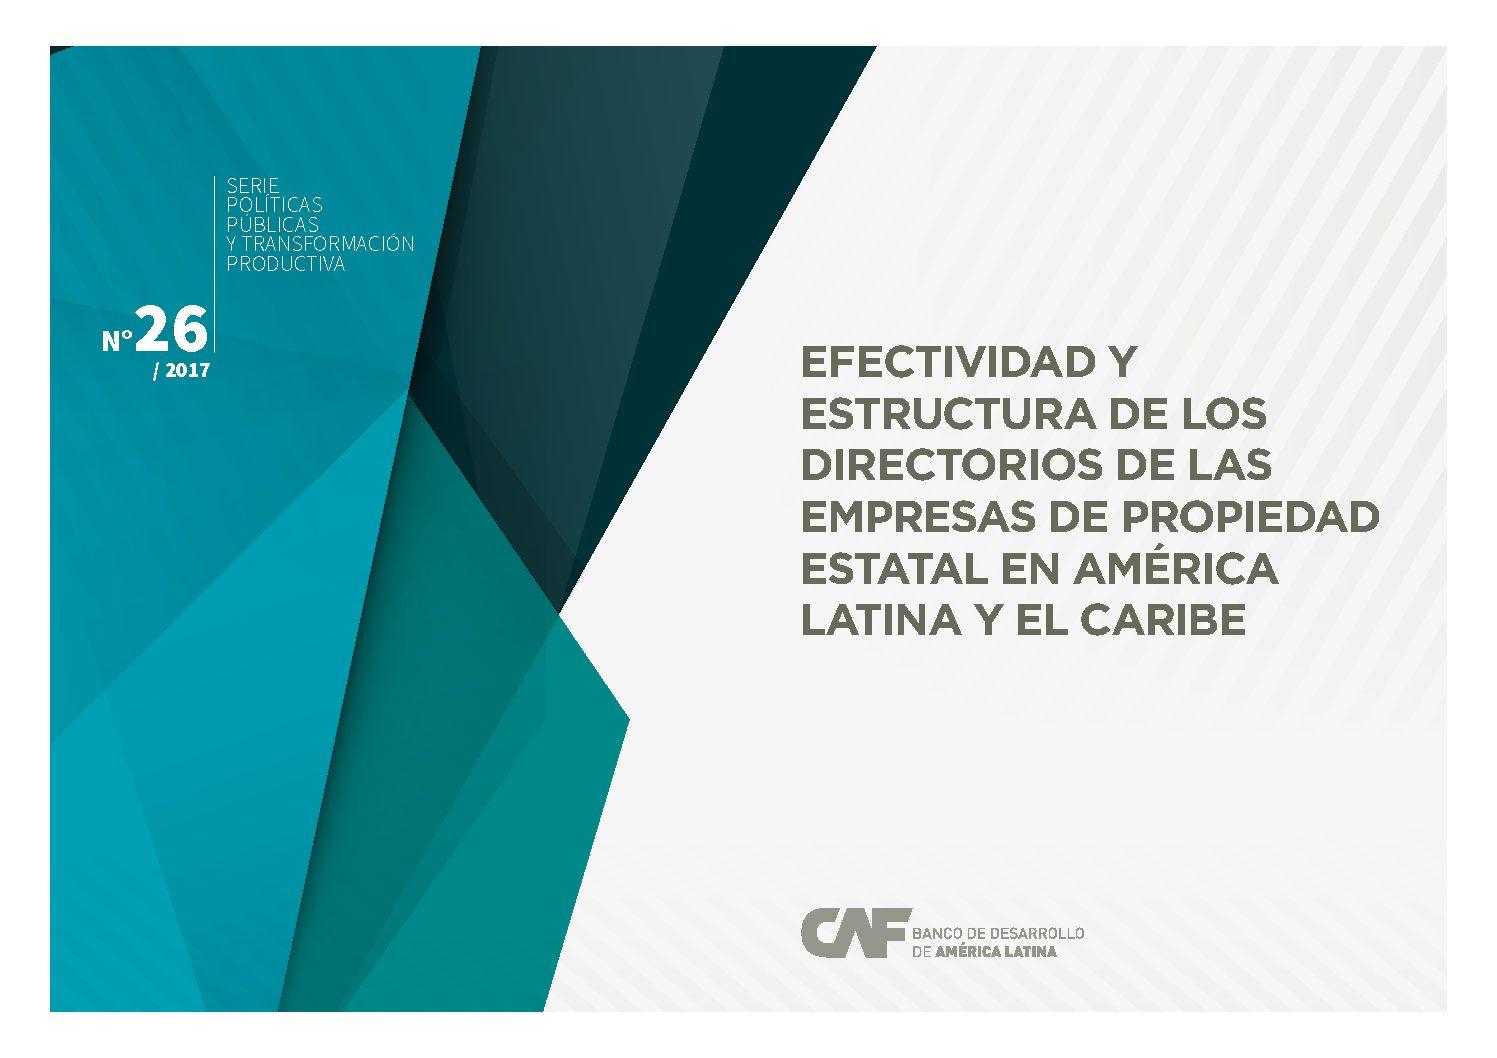 efectividad-y-estructura-de-los-directorios-de-las-empresas-de-propiedad-estatal-en-amrica-latina-y-el-caribe